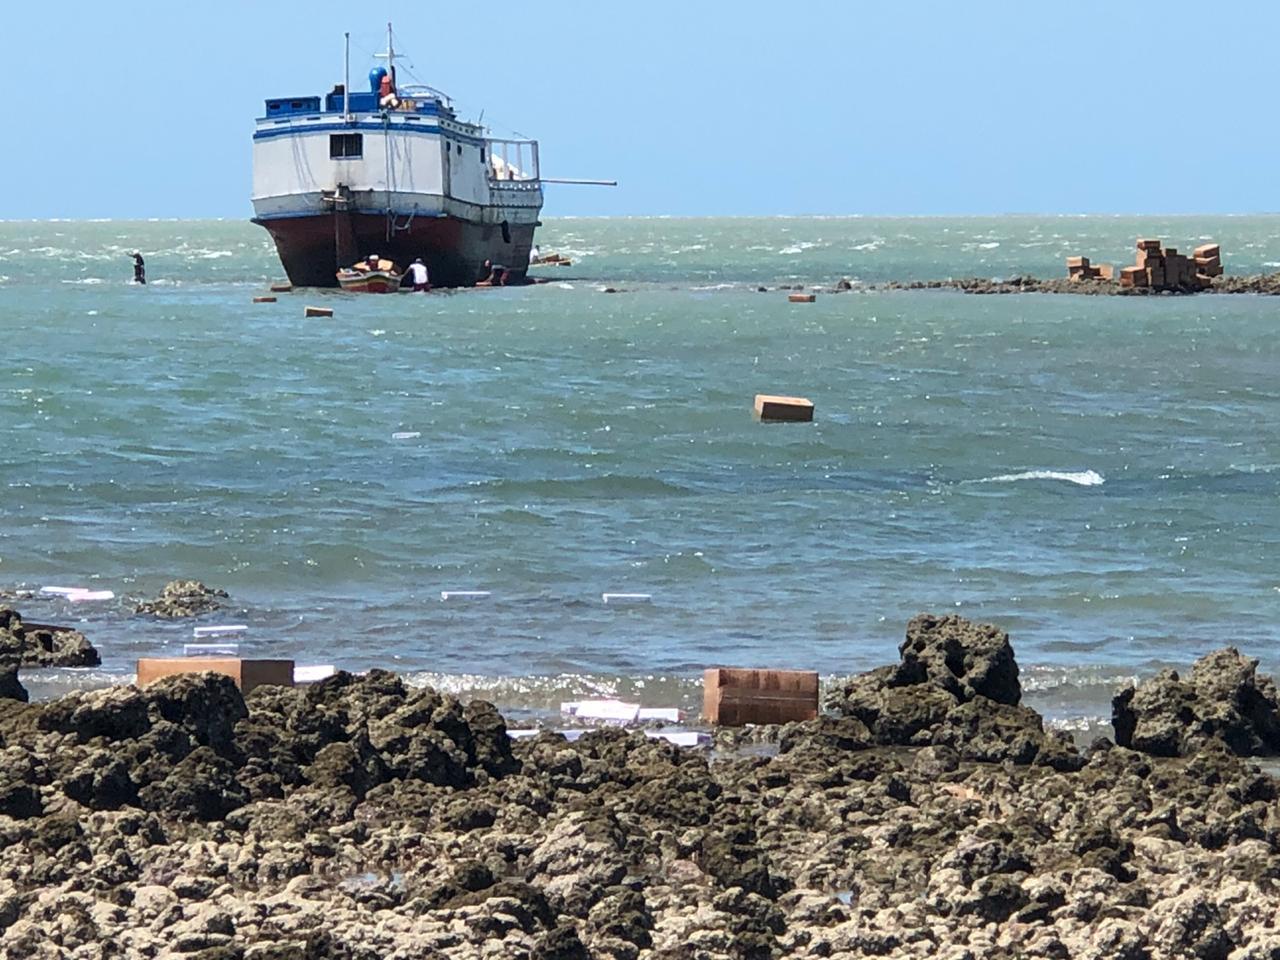 Barco encalhou no litoral do Piauí (Divulgação)